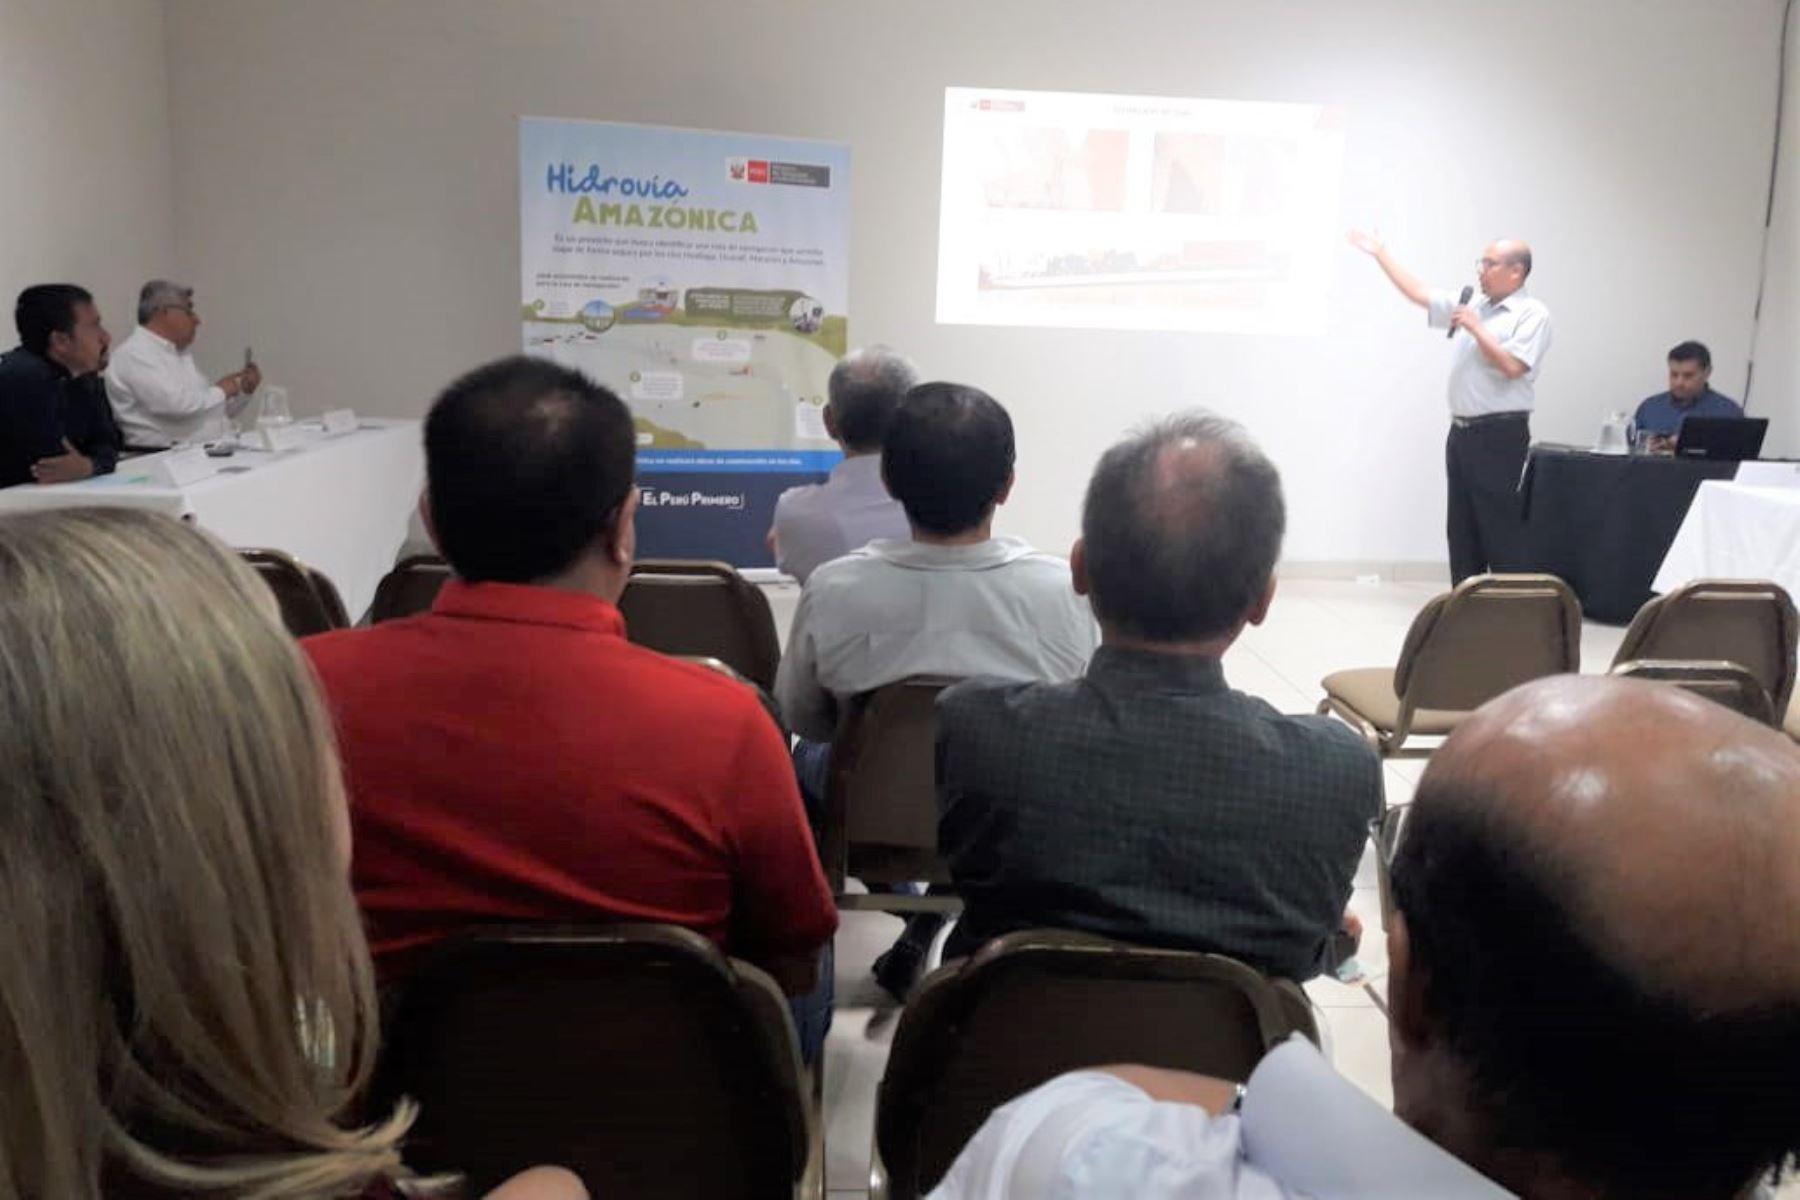 MTC informa sobre detalles del proyecto Hidrovía Amazónica en Iquitos y Pucallpa. ANDINA/Difusión